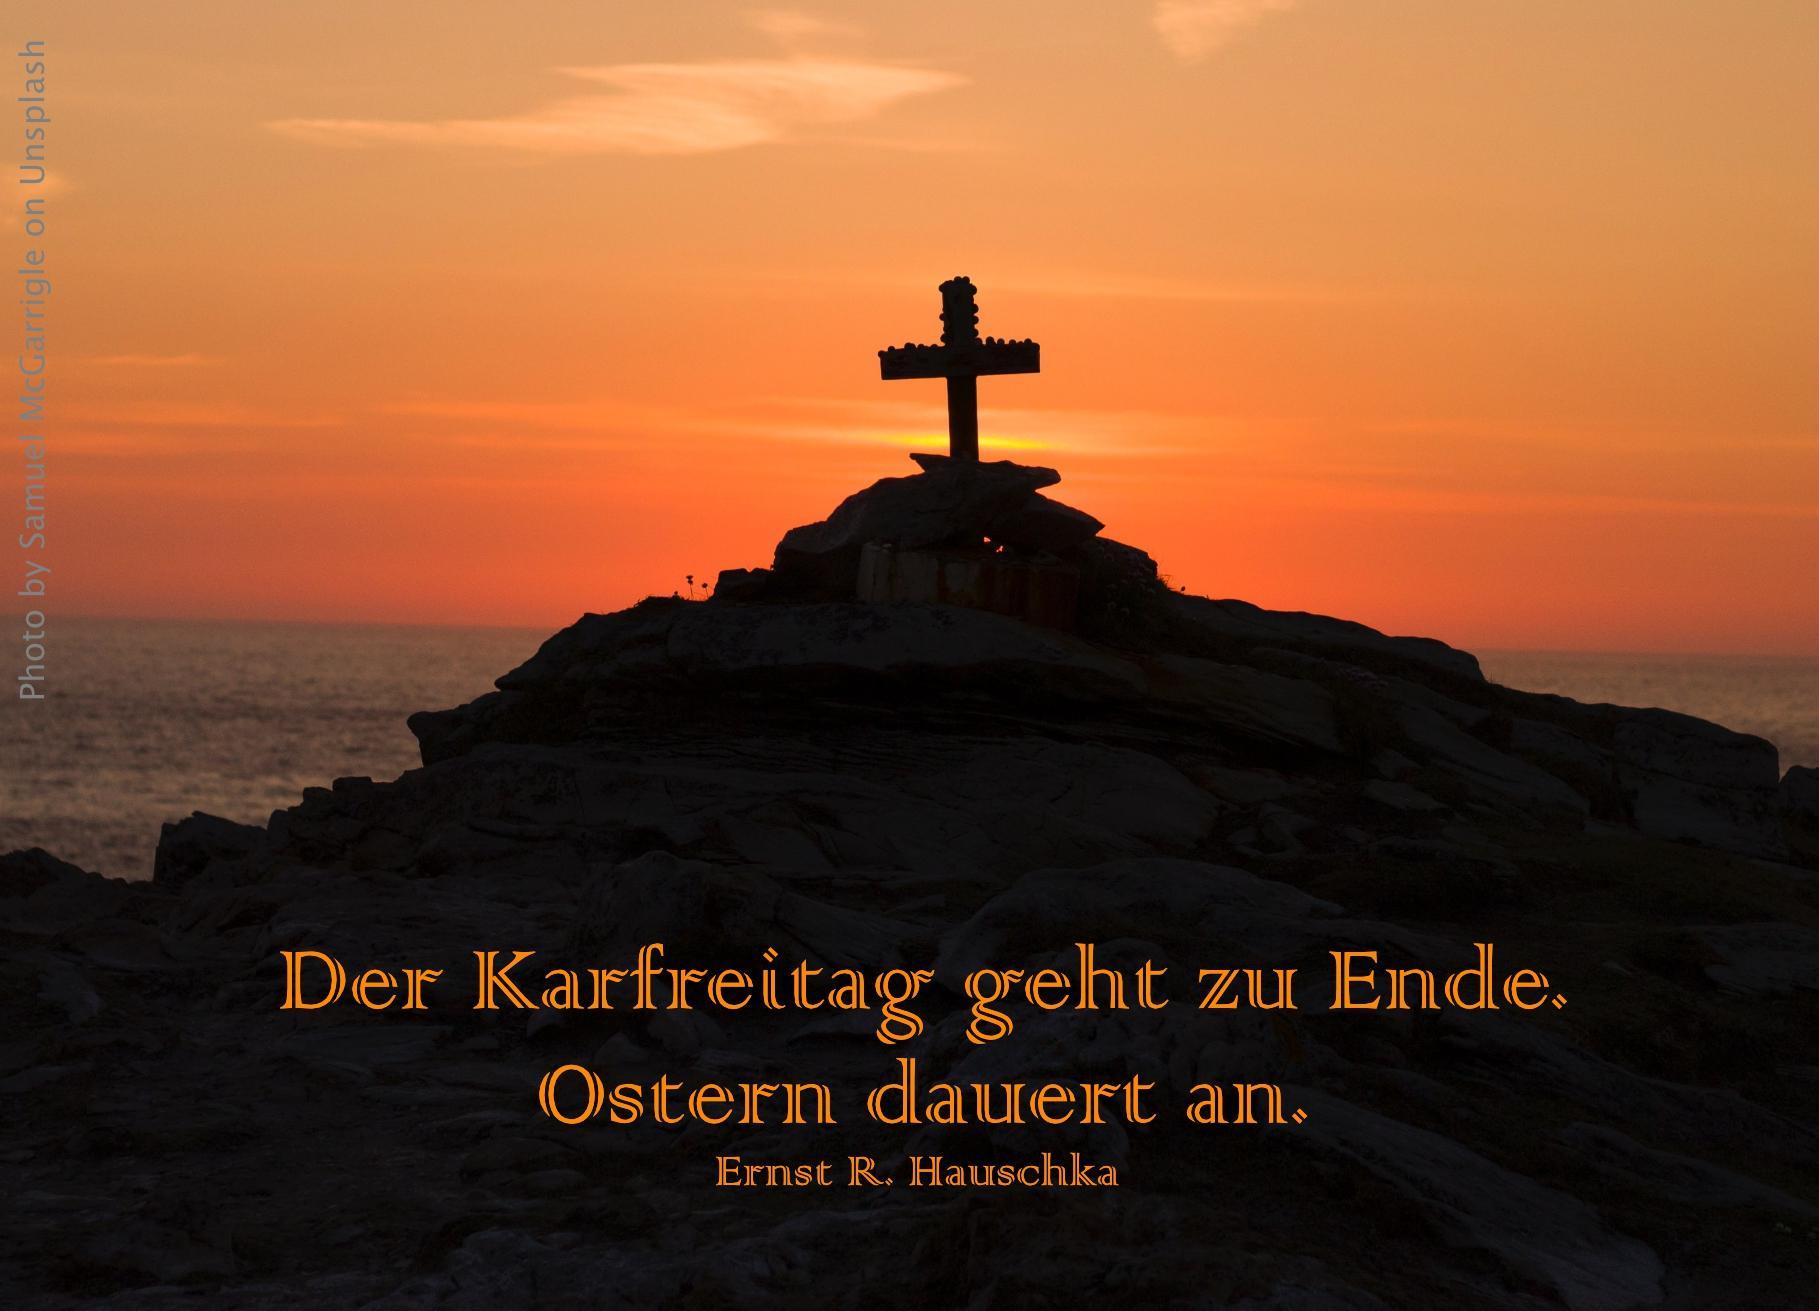 Kreuz auf Berg vor rotem Himmel